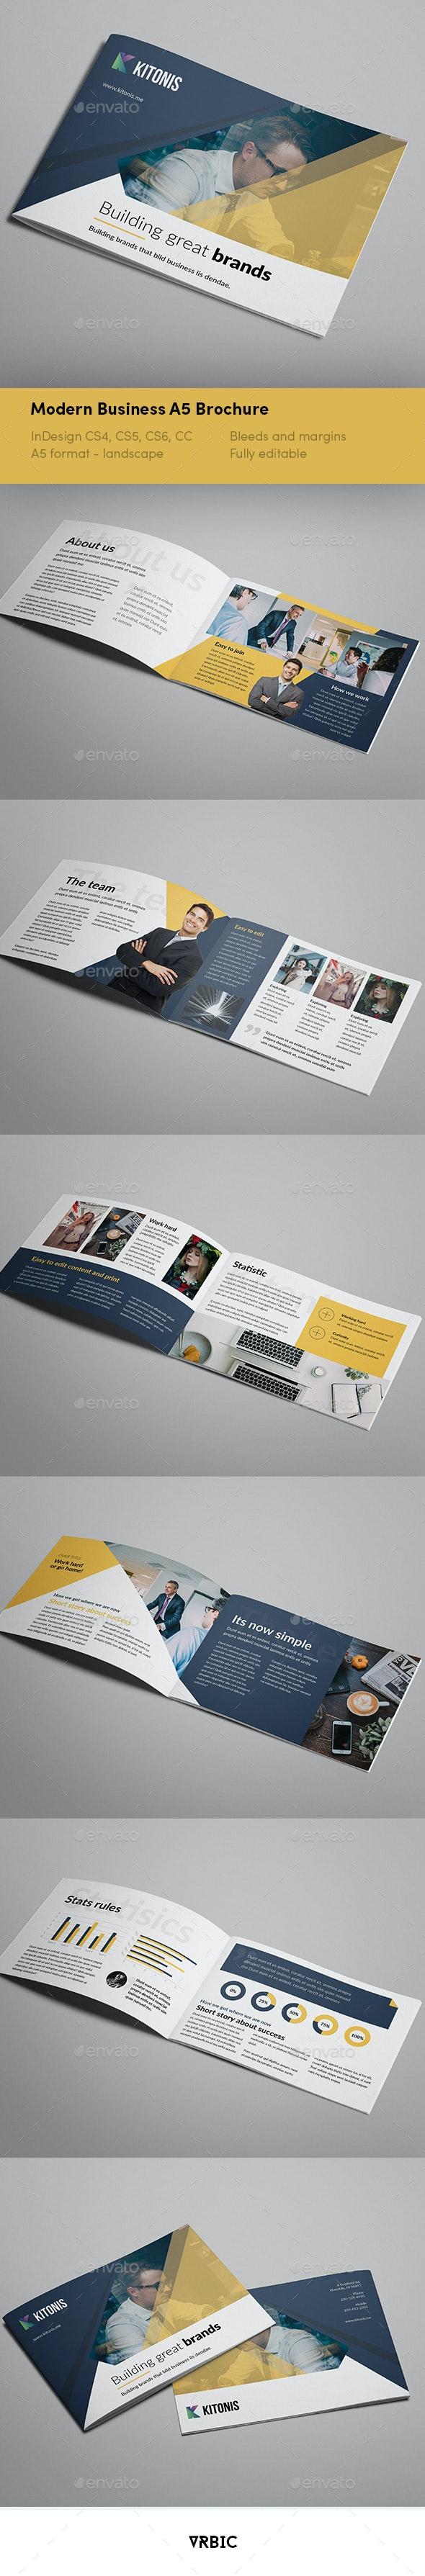 Modern Business A5 Brochure - Brochures Print Templates